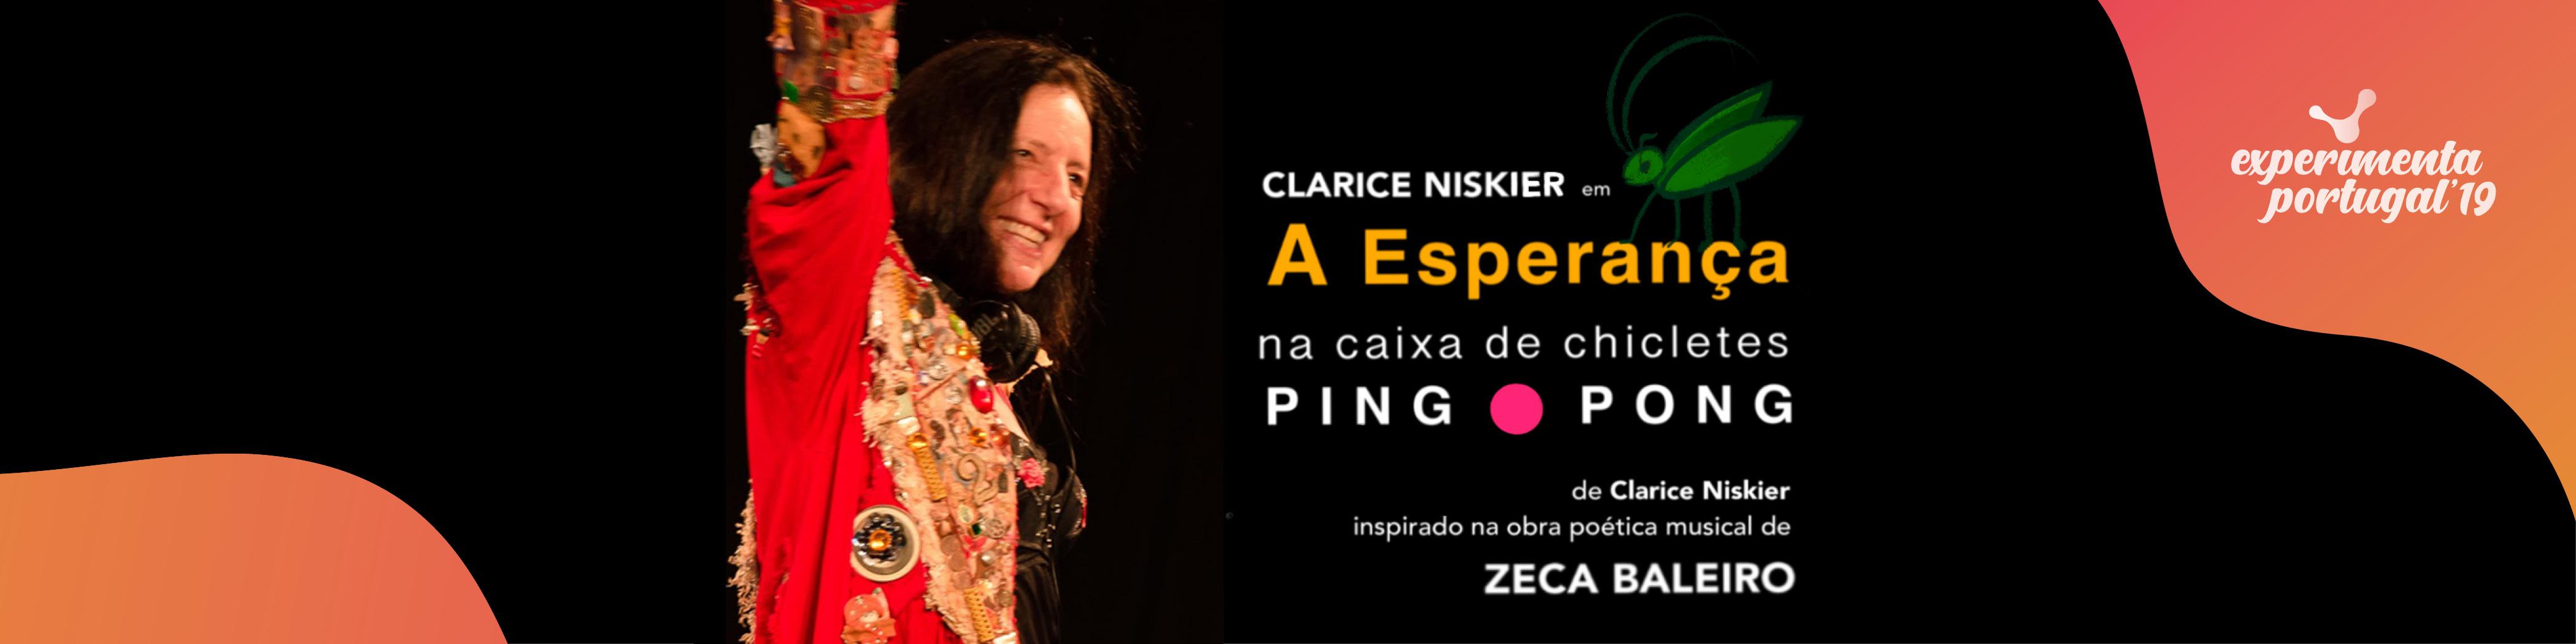 """Atriz Clarice Niskier apresenta a peça """"A Esperança na Caixa de Chicletes Ping Pong"""", no Experimenta Portugal'19"""